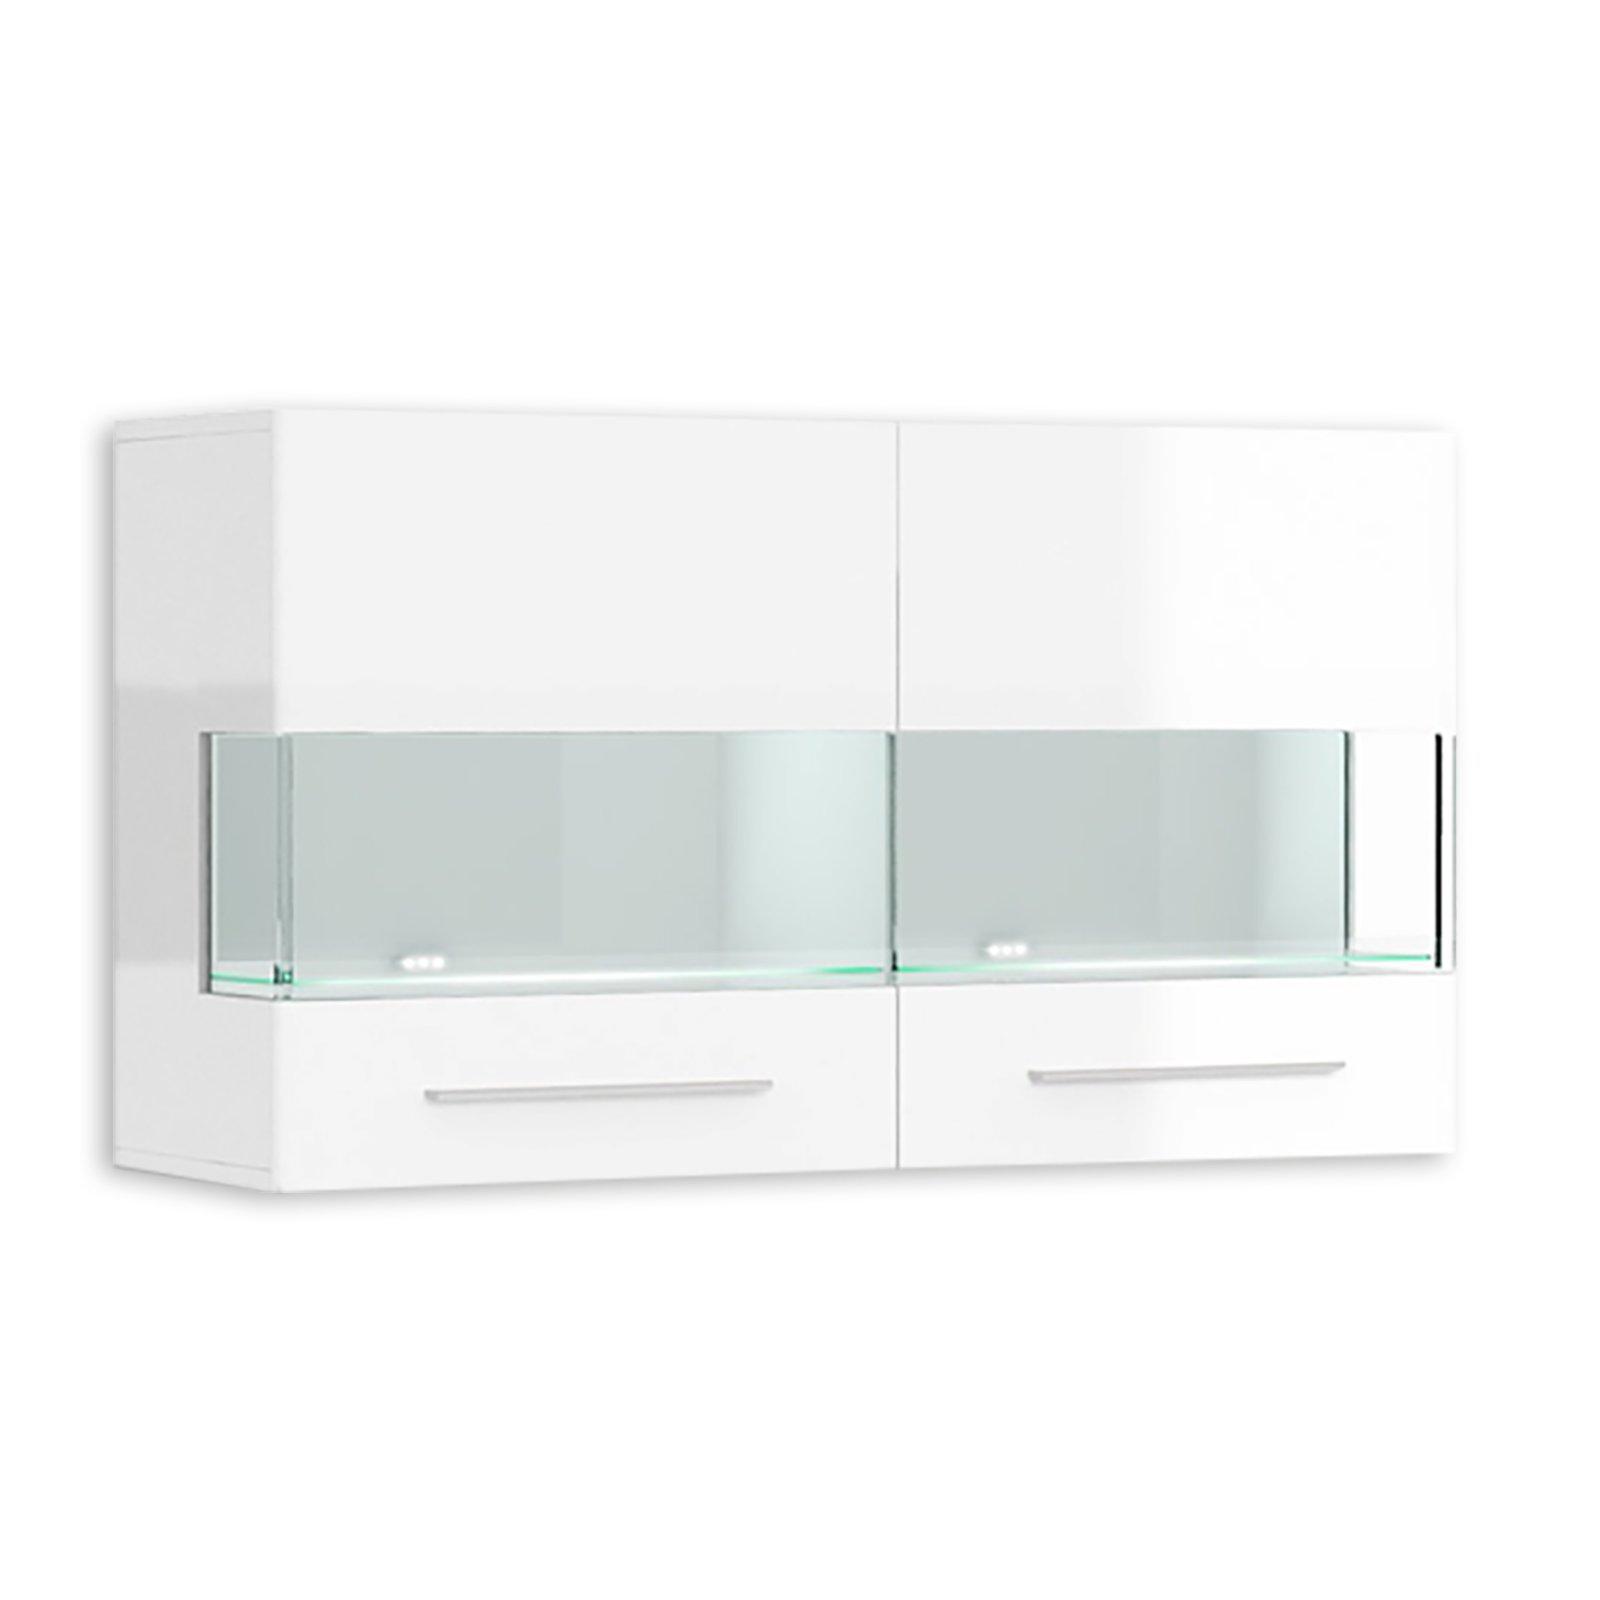 h ngevitrine sky wei wei hochglanz 110 cm breit. Black Bedroom Furniture Sets. Home Design Ideas